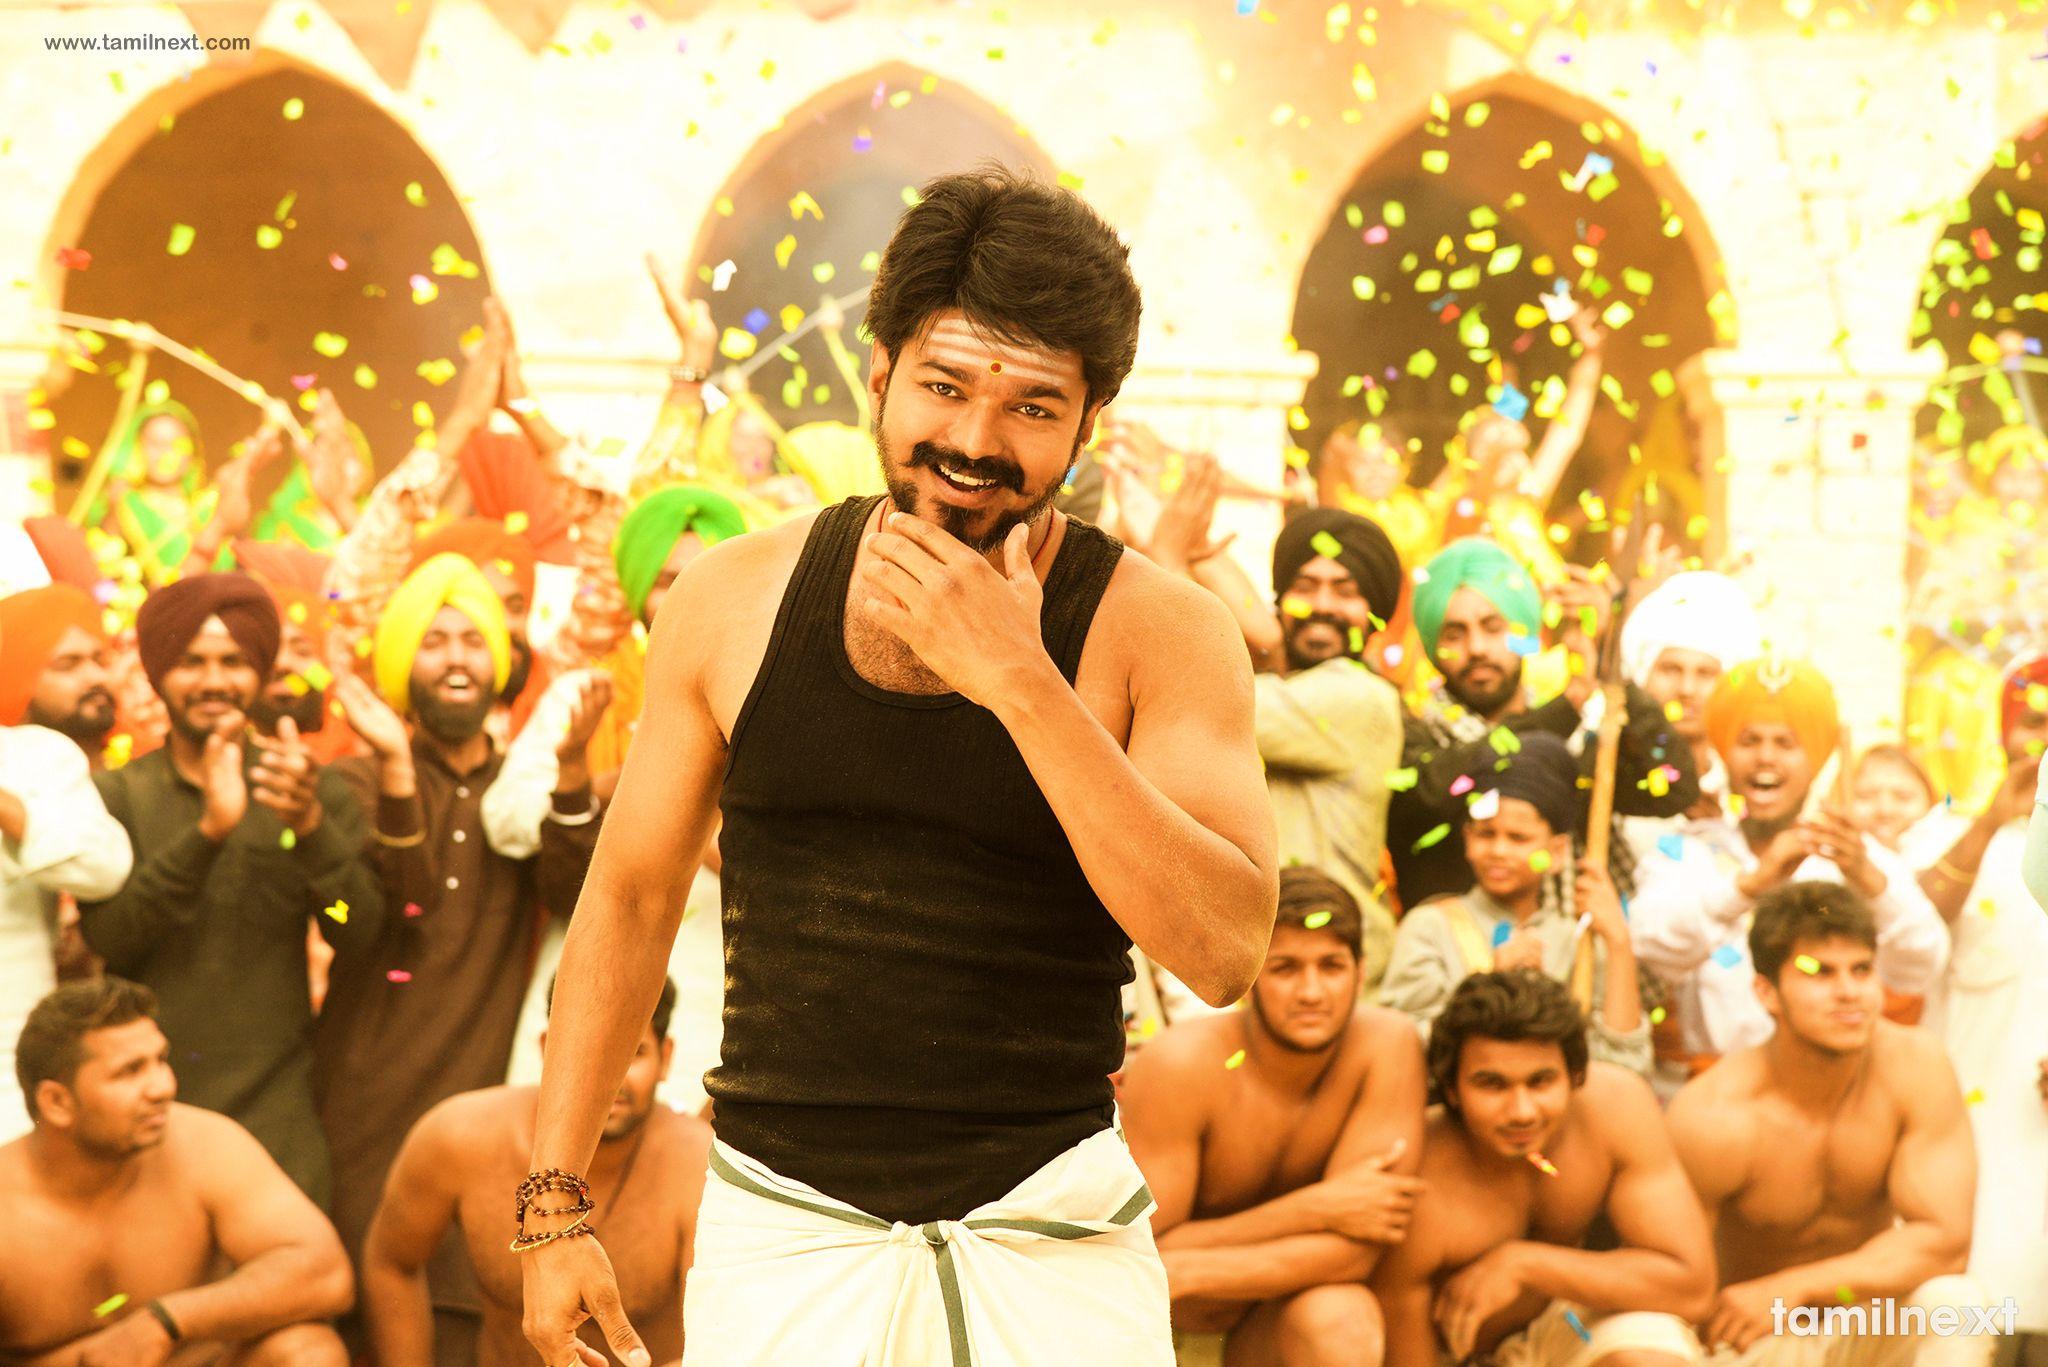 mersal movie hd photos � tamilnext